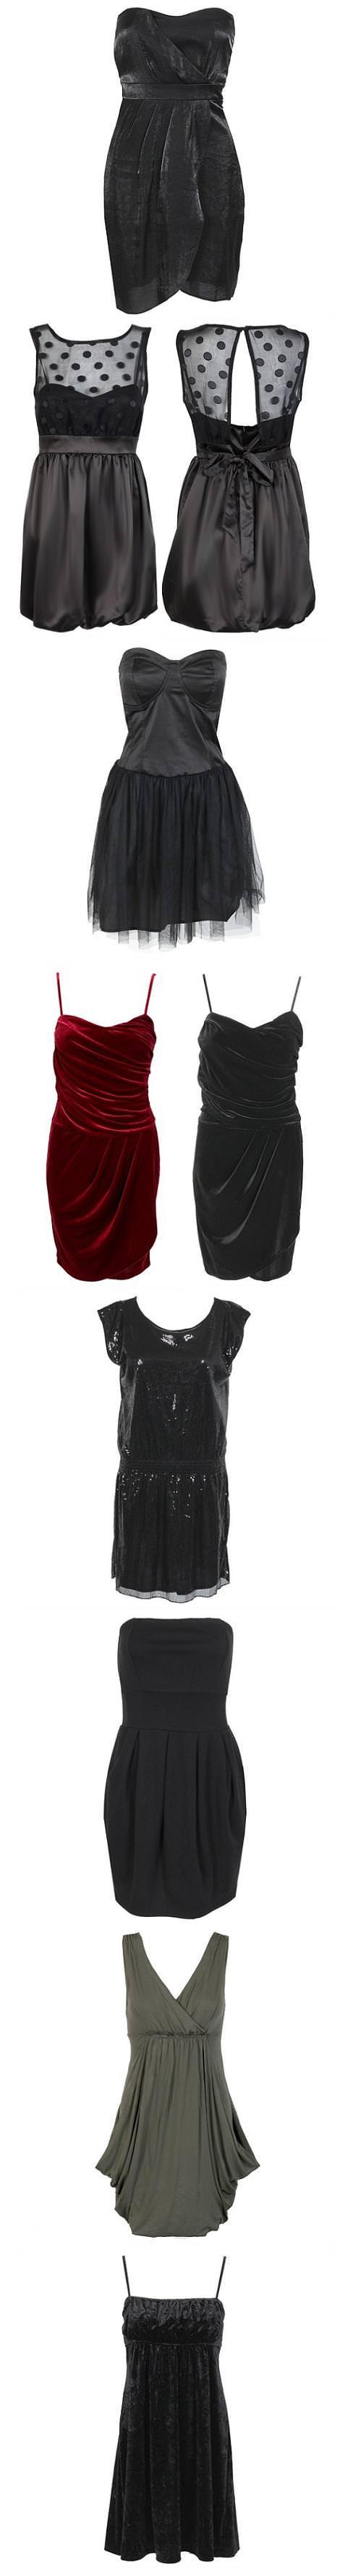 Vestidos de Nochevieja de Pimkie 2010